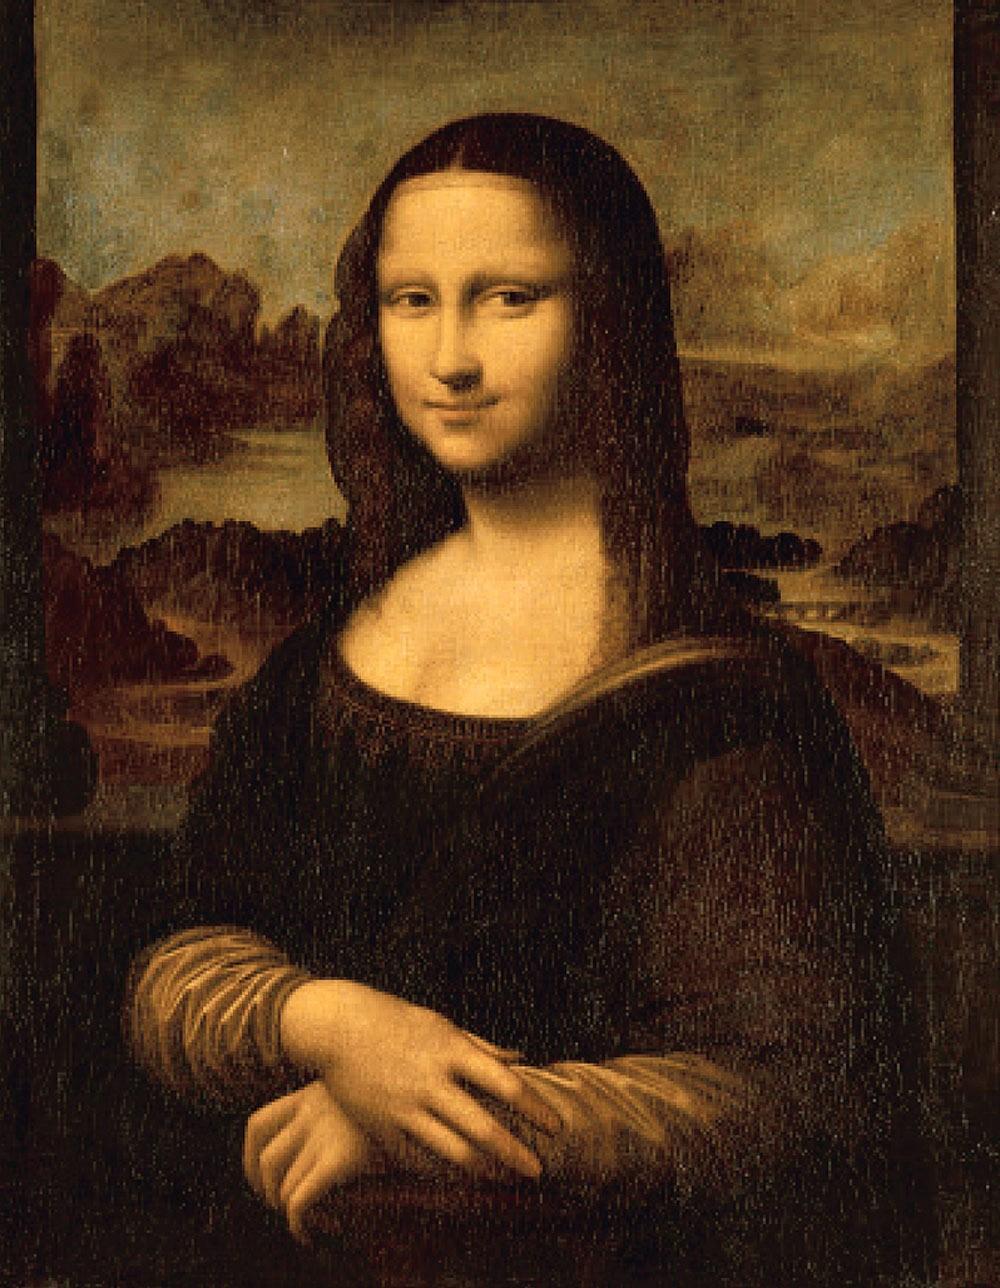 Les peintres célèbres et leurs peintures